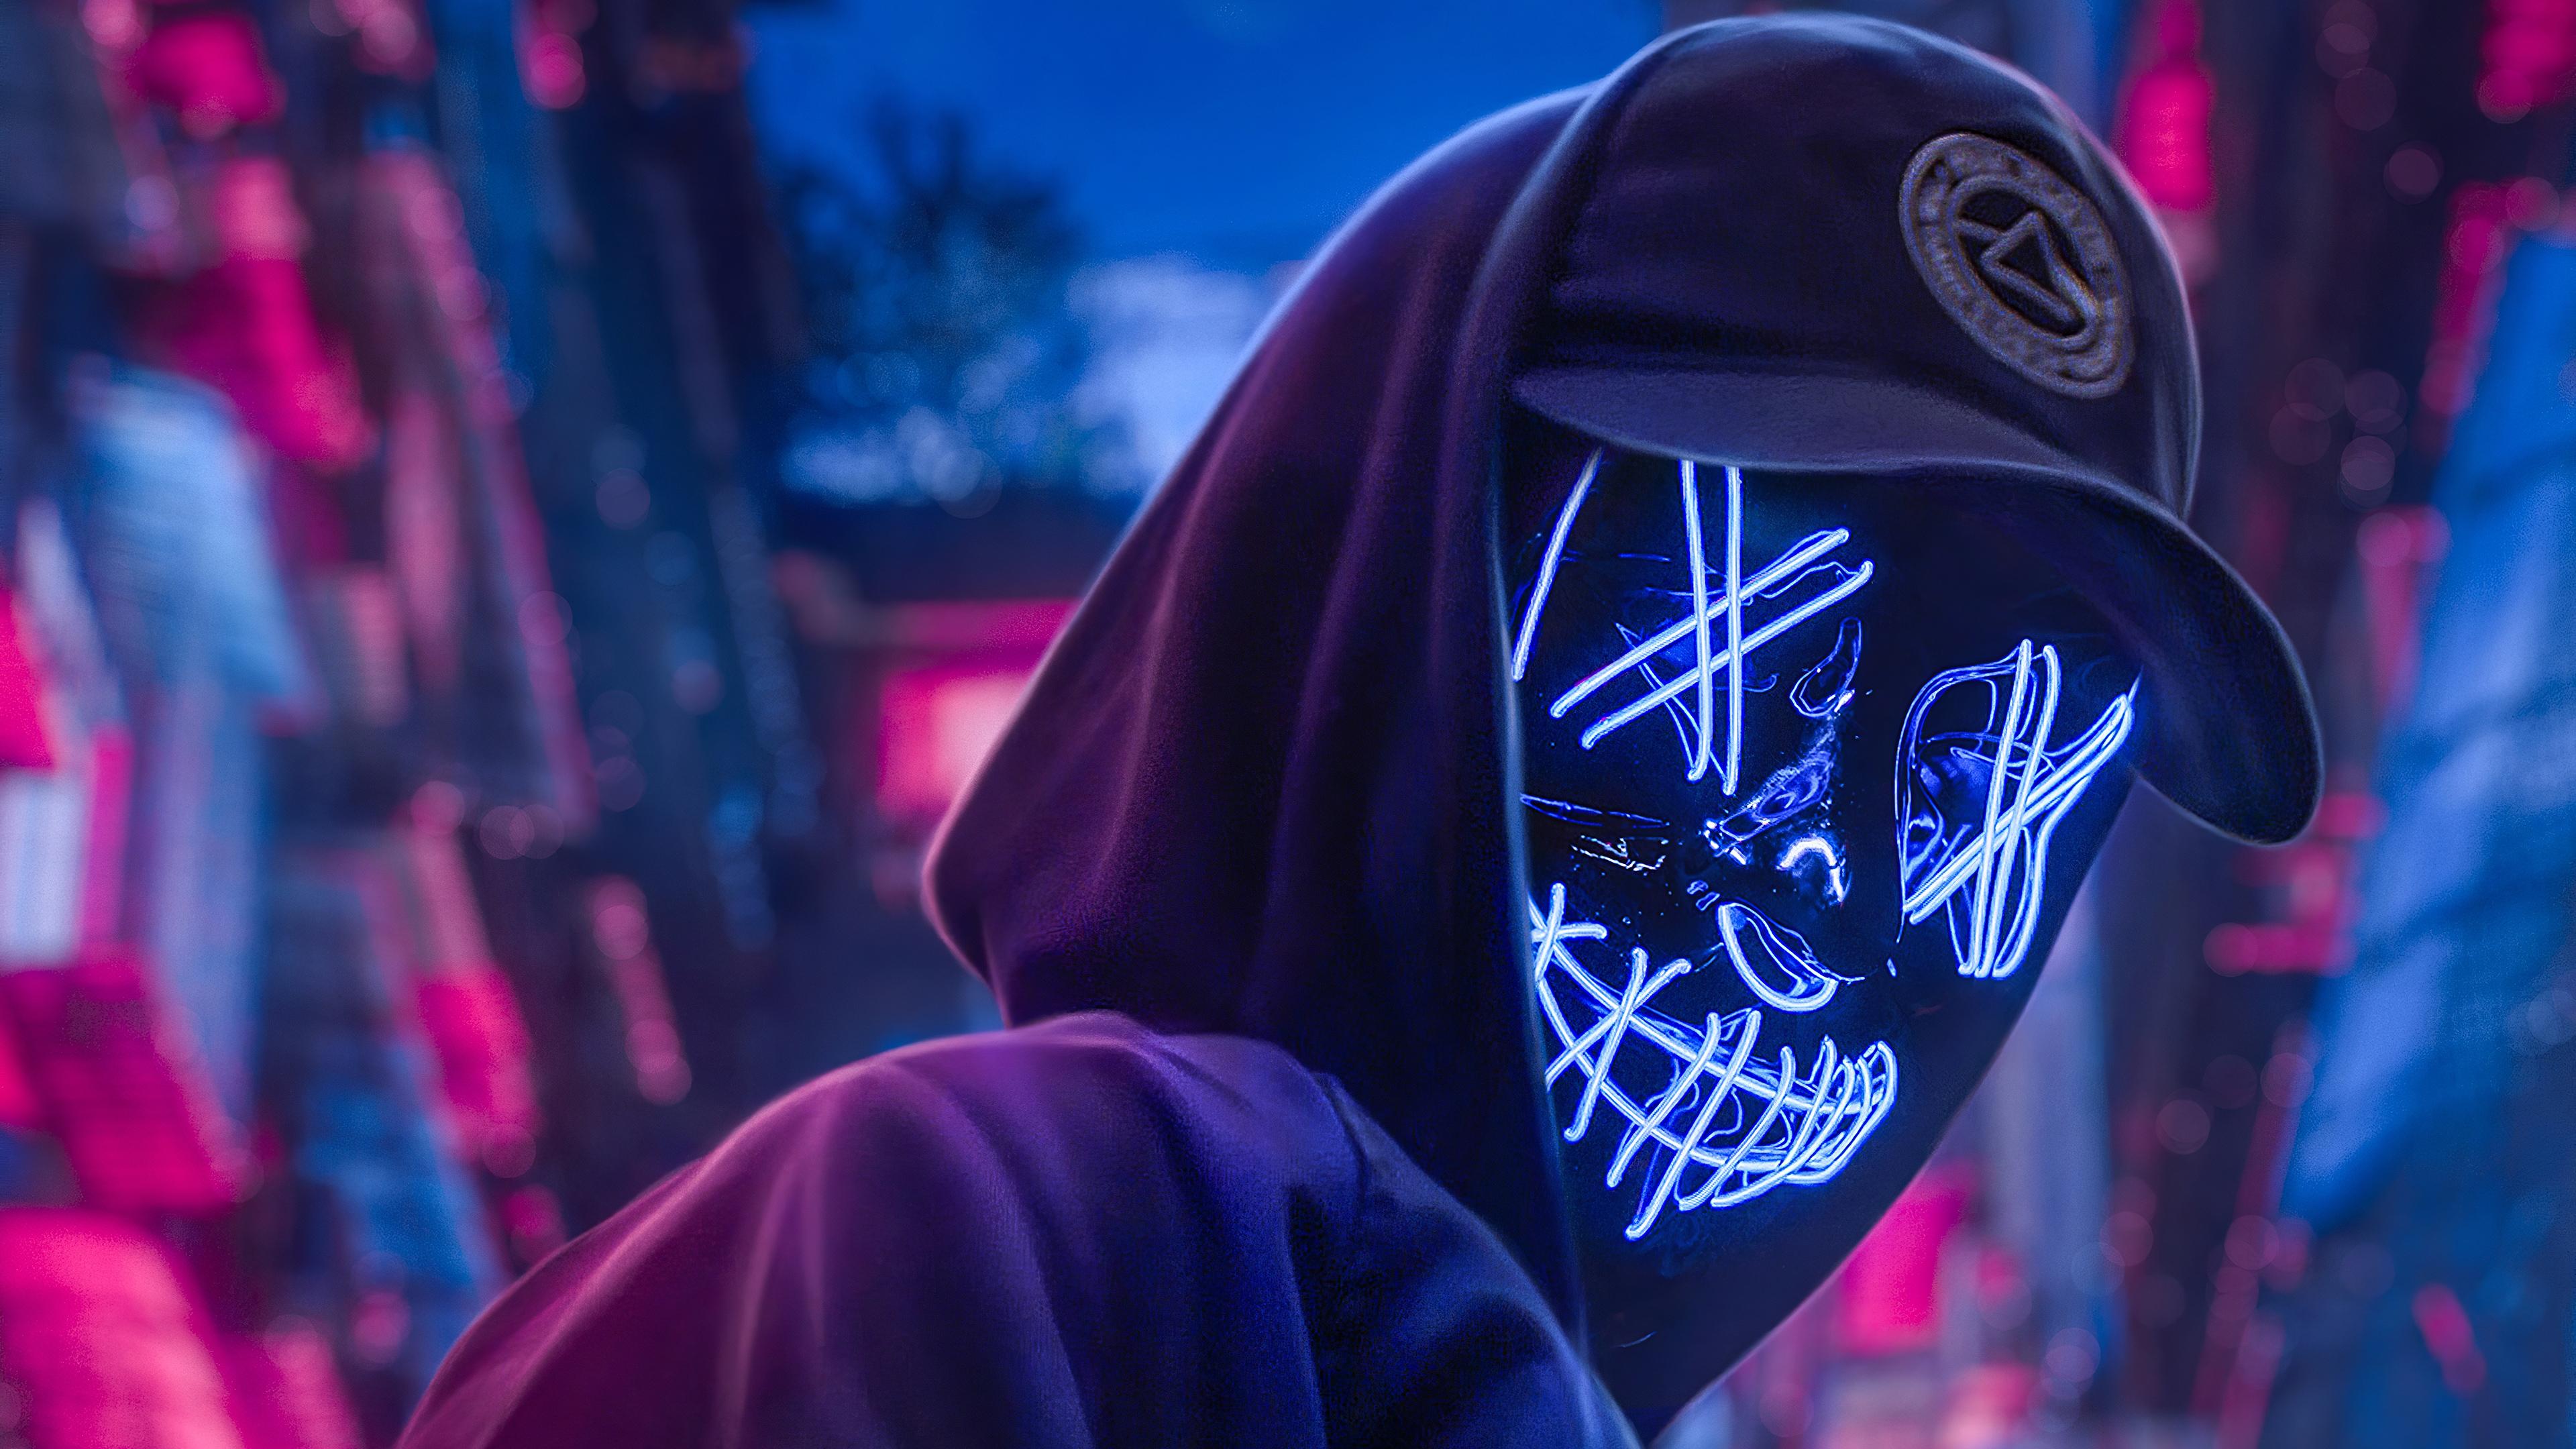 neon hoodie hat guy 1574273990 - Neon Hoodie Hat Guy -